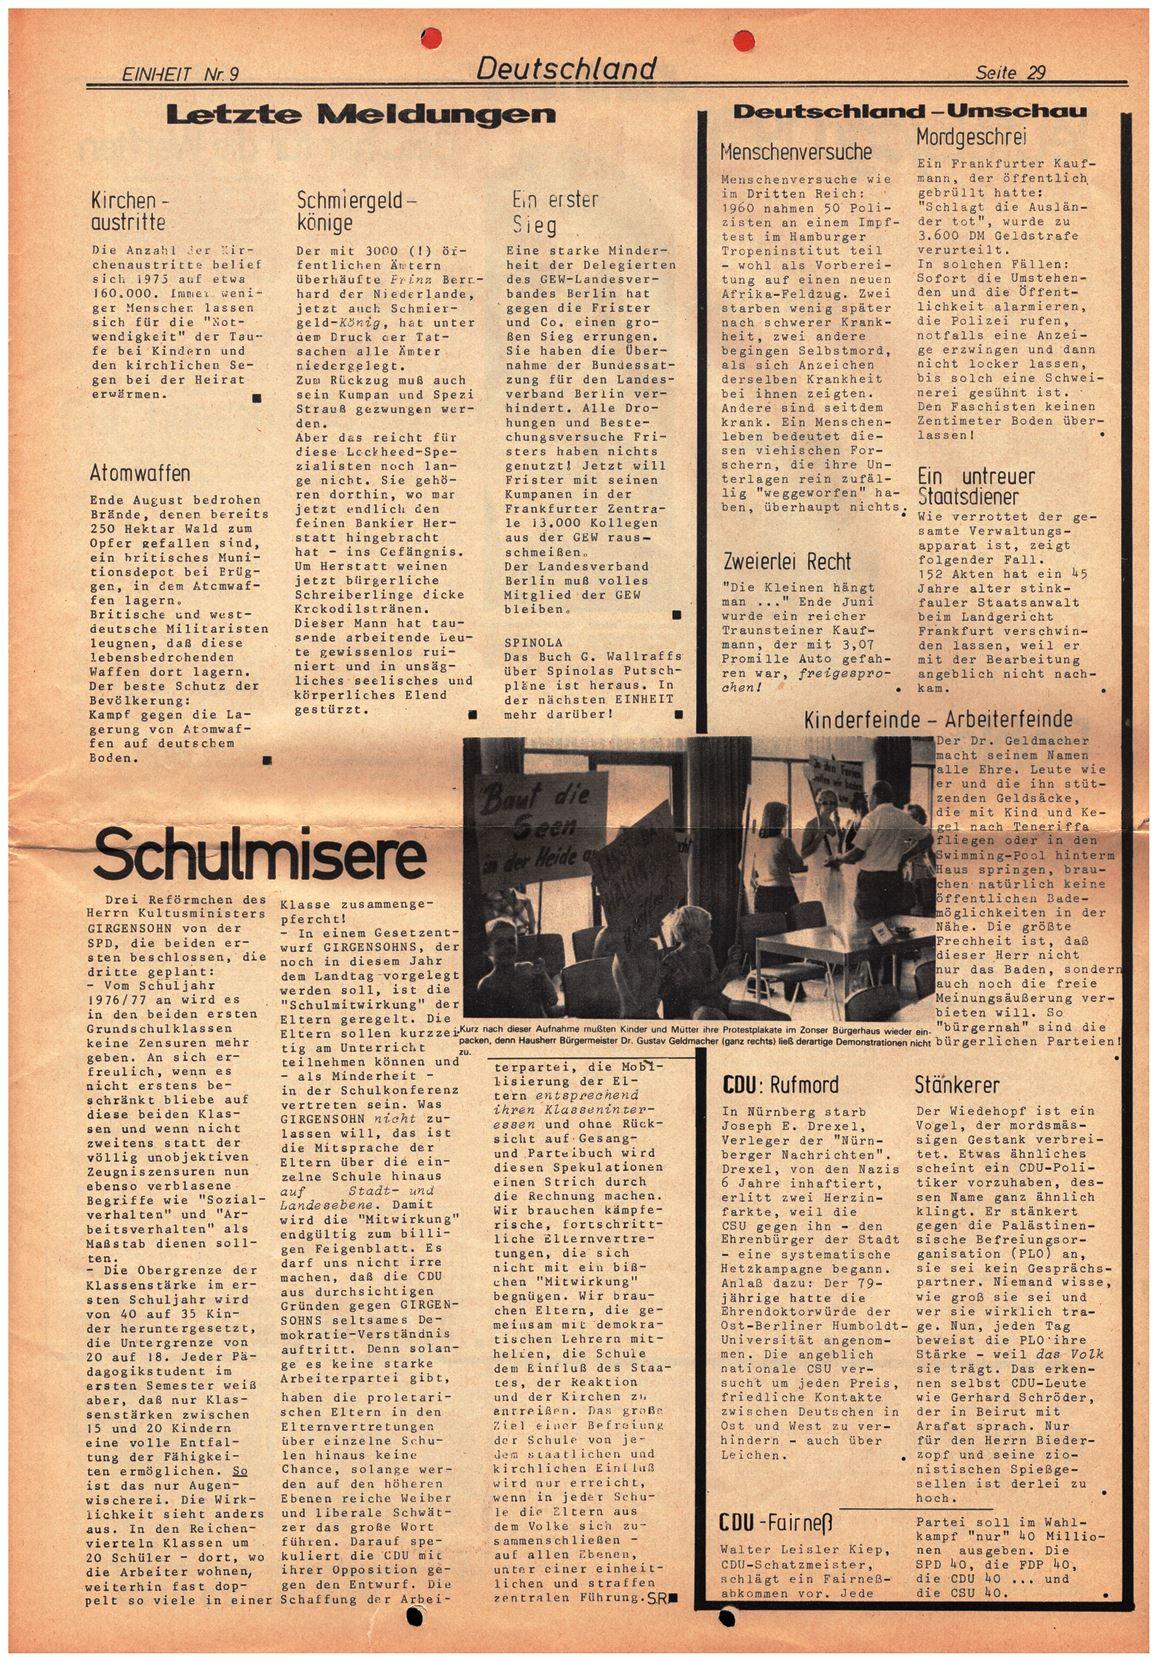 Koeln_IPdA_Einheit_1976_009_028